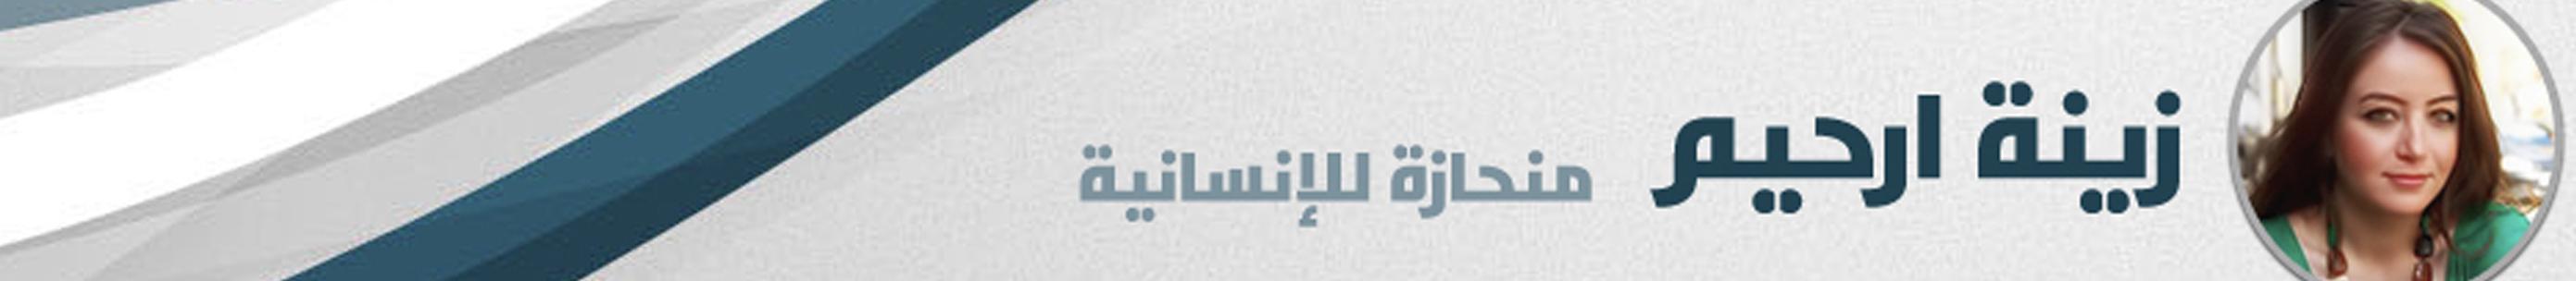 زينة ارحيم | منحازة للإنسانية